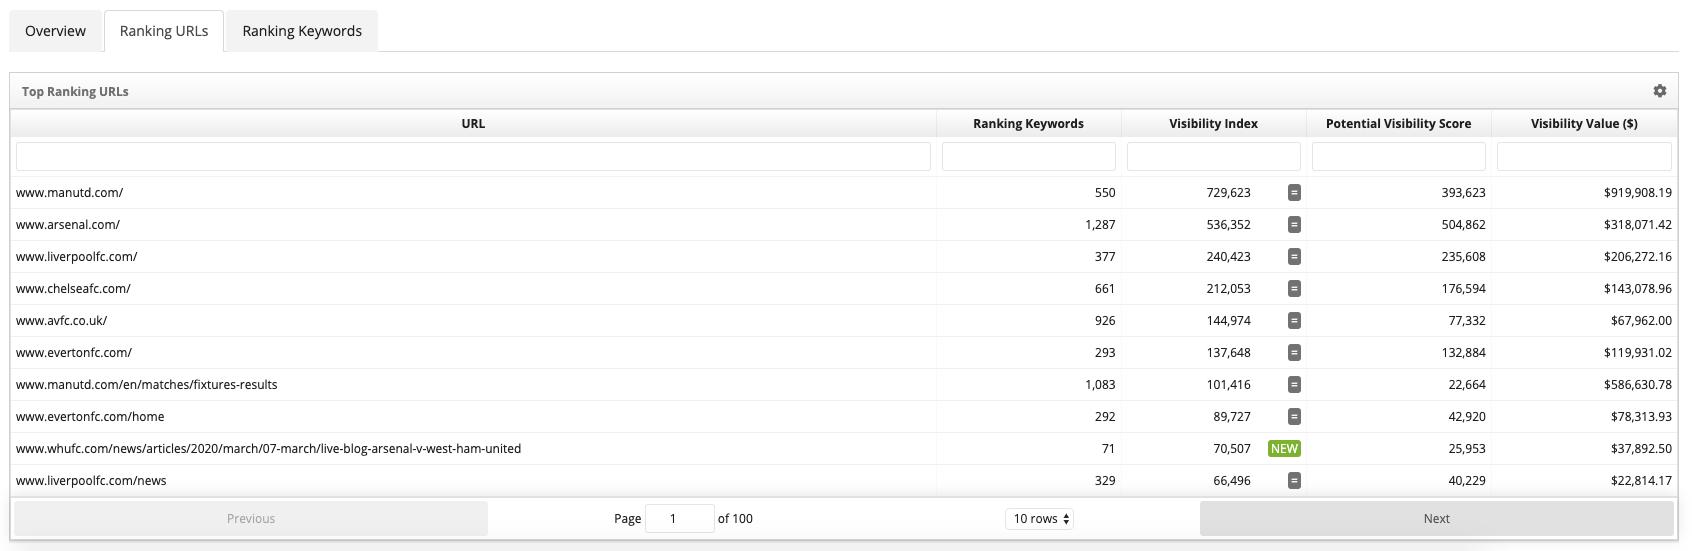 Screenshot_2020-04-17_at_10.21.15.png